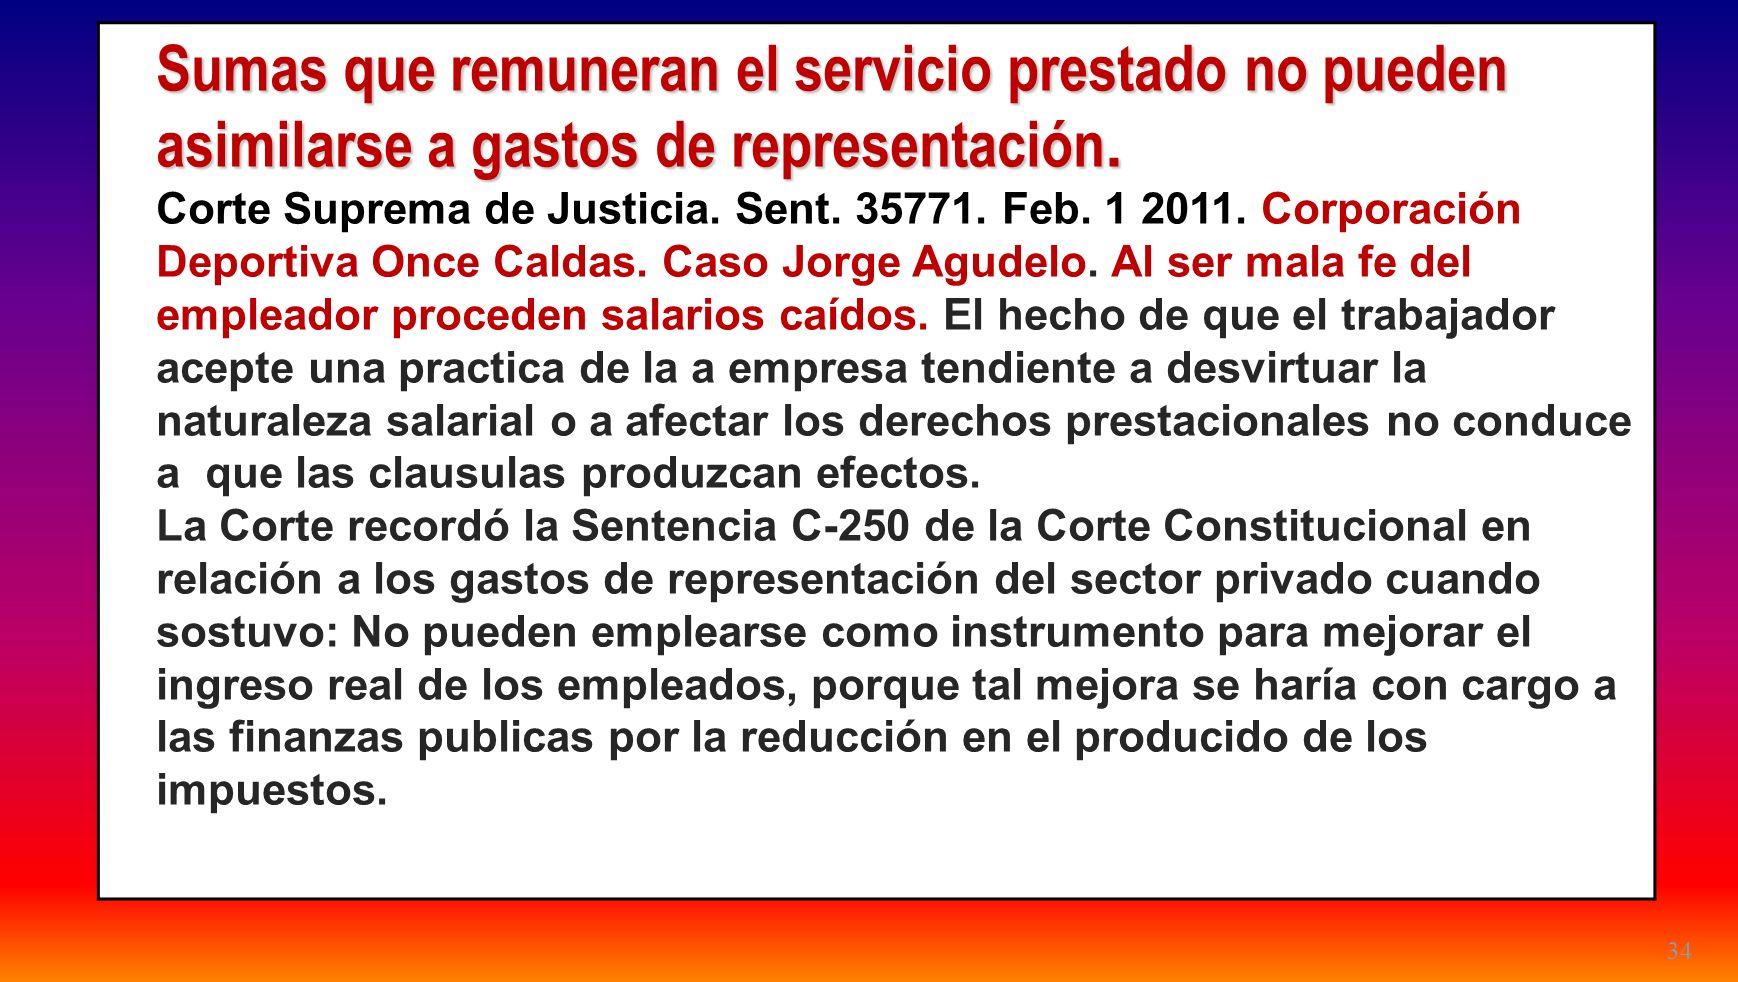 34 Sumas que remuneran el servicio prestado no pueden asimilarse a gastos de representación. Corte Suprema de Justicia. Sent. 35771. Feb. 1 2011. Corp